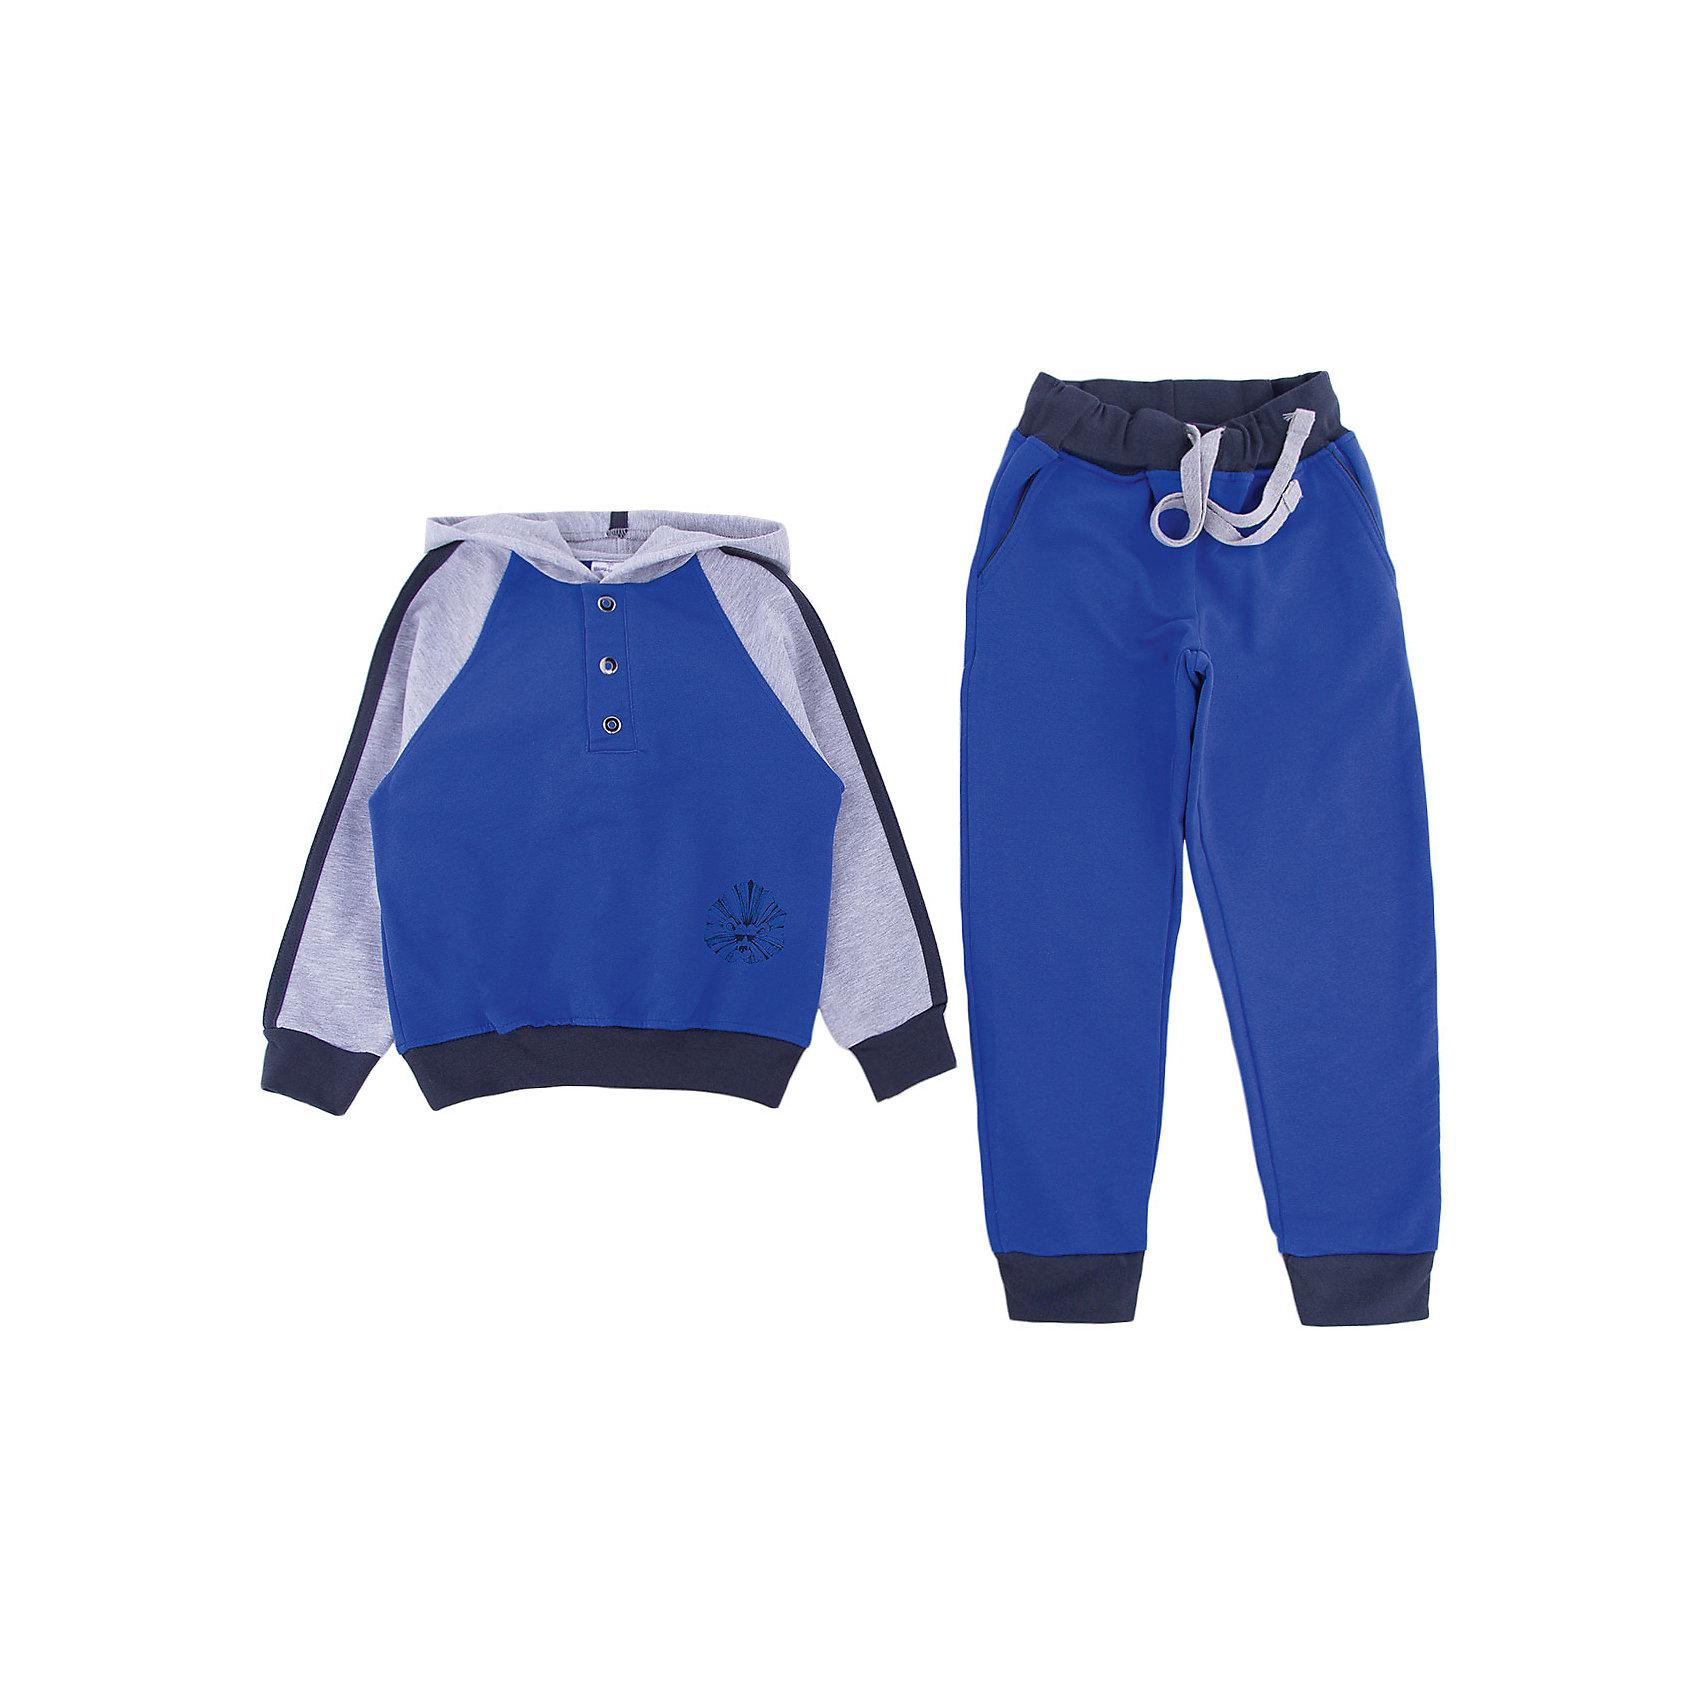 Костюм для мальчика МАМУЛЯНДИЯКостюм для мальчика МАМУЛЯНДИЯ<br>Костюм для мальчика из коллекции Мистер Лев. Костюм выполнен из трикотажного полотна вышего качества (футер). Сочетание цветов отвечает последним  тенденциям моды, костюм состоит из двух предметов - куртки с капюшоном и брюк. В костюме присутствует отделка принтом и фурнитура. <br>Рекомендации по уходу: стирать при температуре не выше 40 градусов, гладить при средней температуре, носить с удовольствием!<br>Состав:<br>100% хлопок<br><br>Ширина мм: 157<br>Глубина мм: 13<br>Высота мм: 119<br>Вес г: 200<br>Цвет: синий<br>Возраст от месяцев: 72<br>Возраст до месяцев: 84<br>Пол: Мужской<br>Возраст: Детский<br>Размер: 122,92,98,104,110,116<br>SKU: 5108982